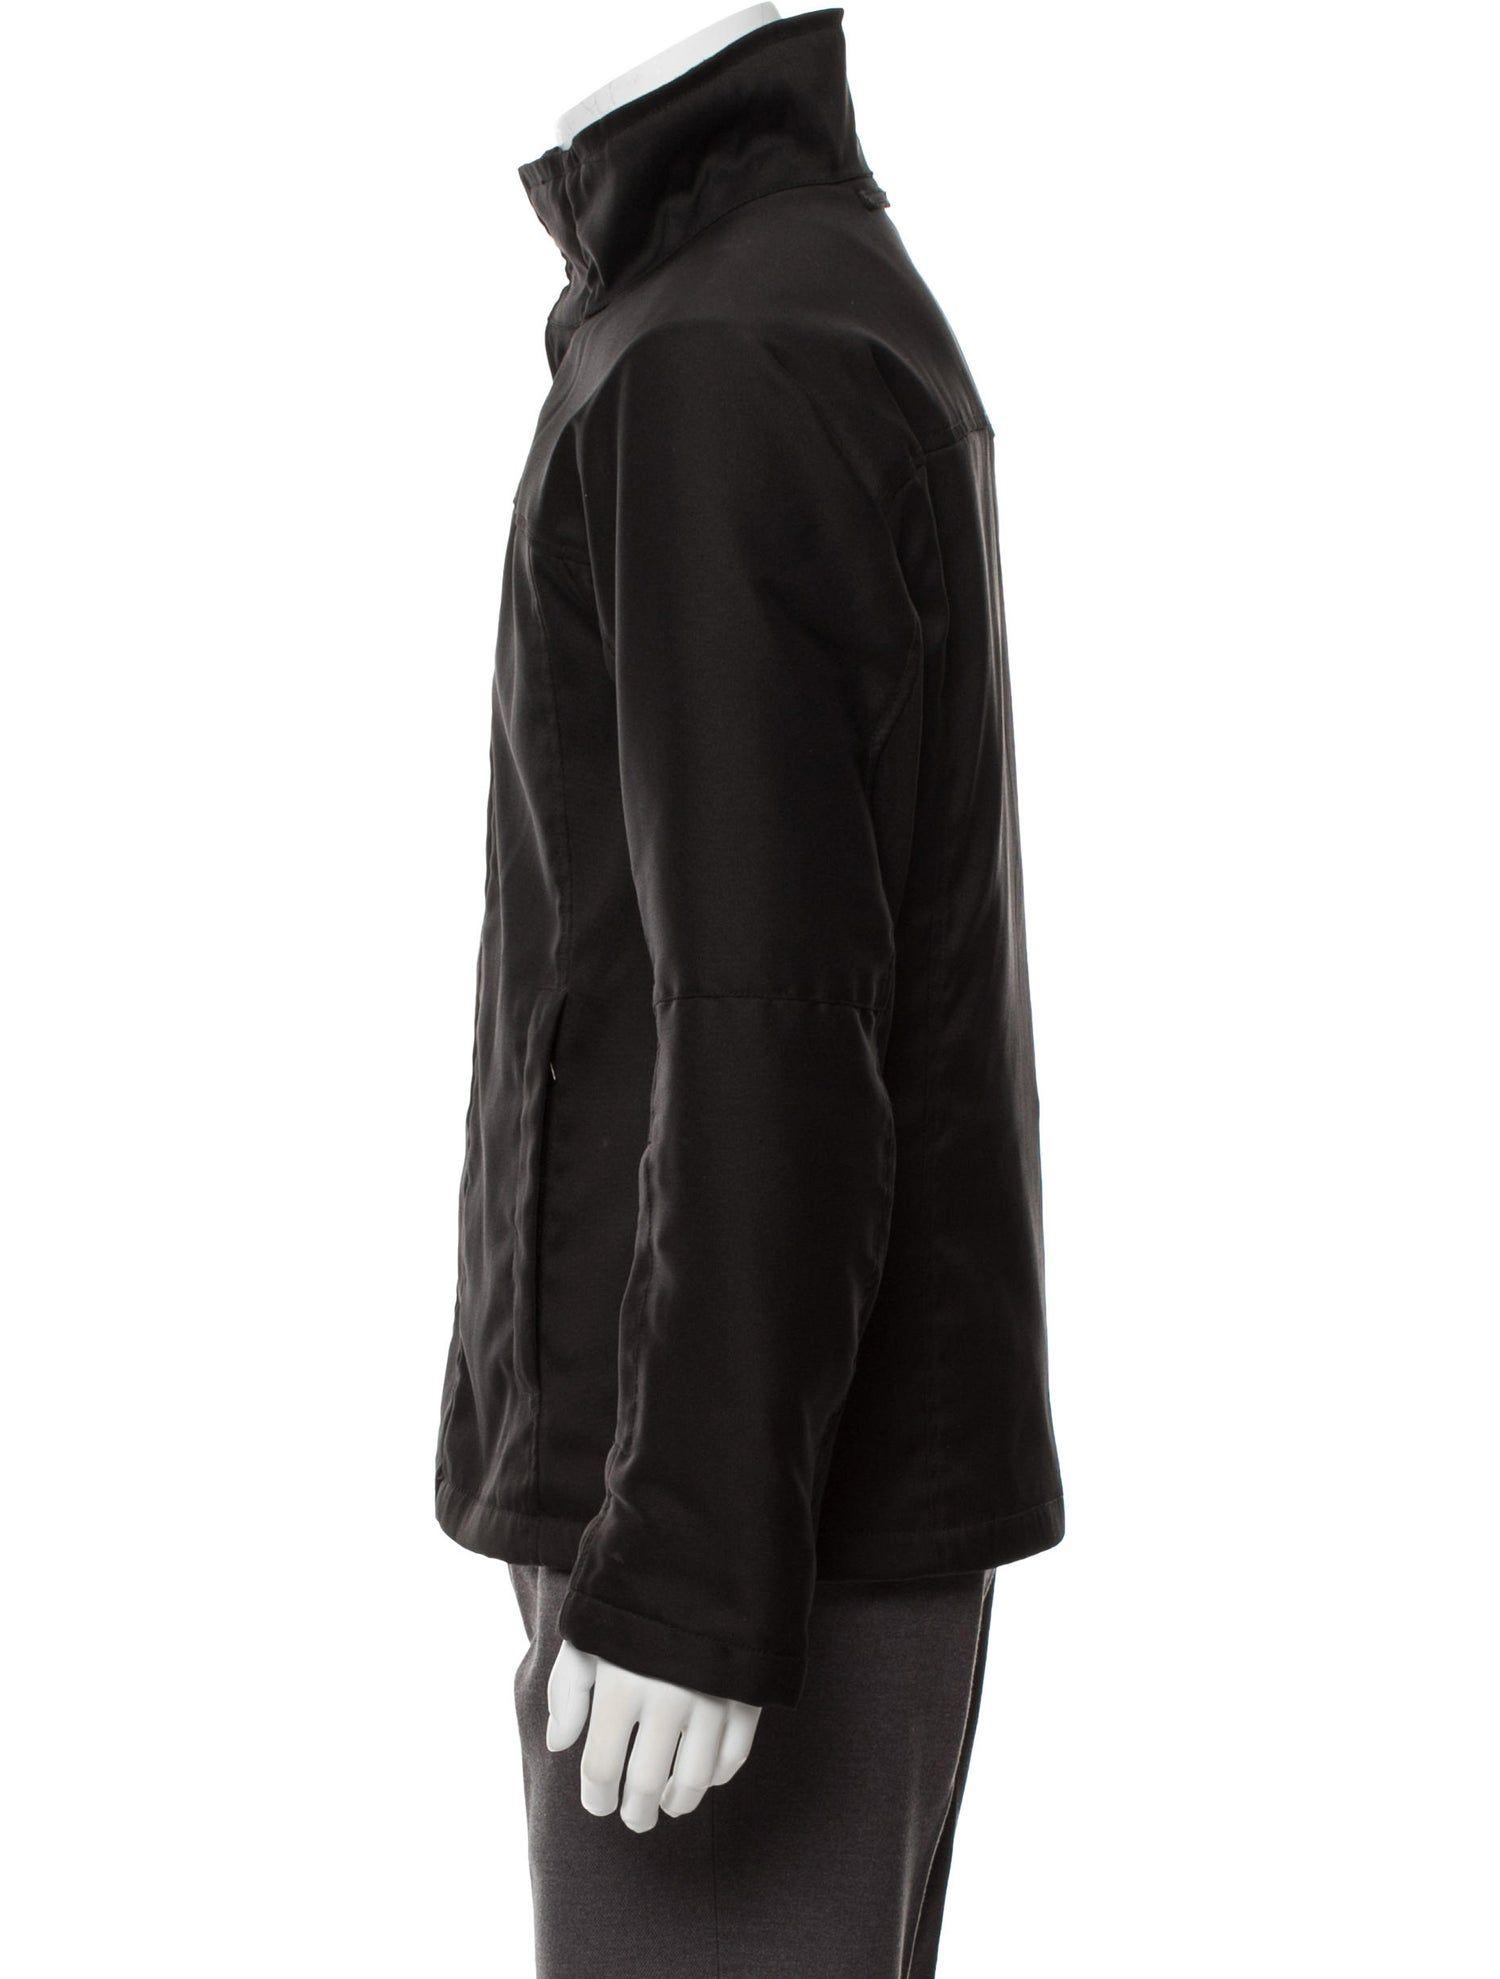 79560ef4 Prada Sport Nylon-Blend Zip-Up Jacket #SPONSORED #Nylon #Sport ...